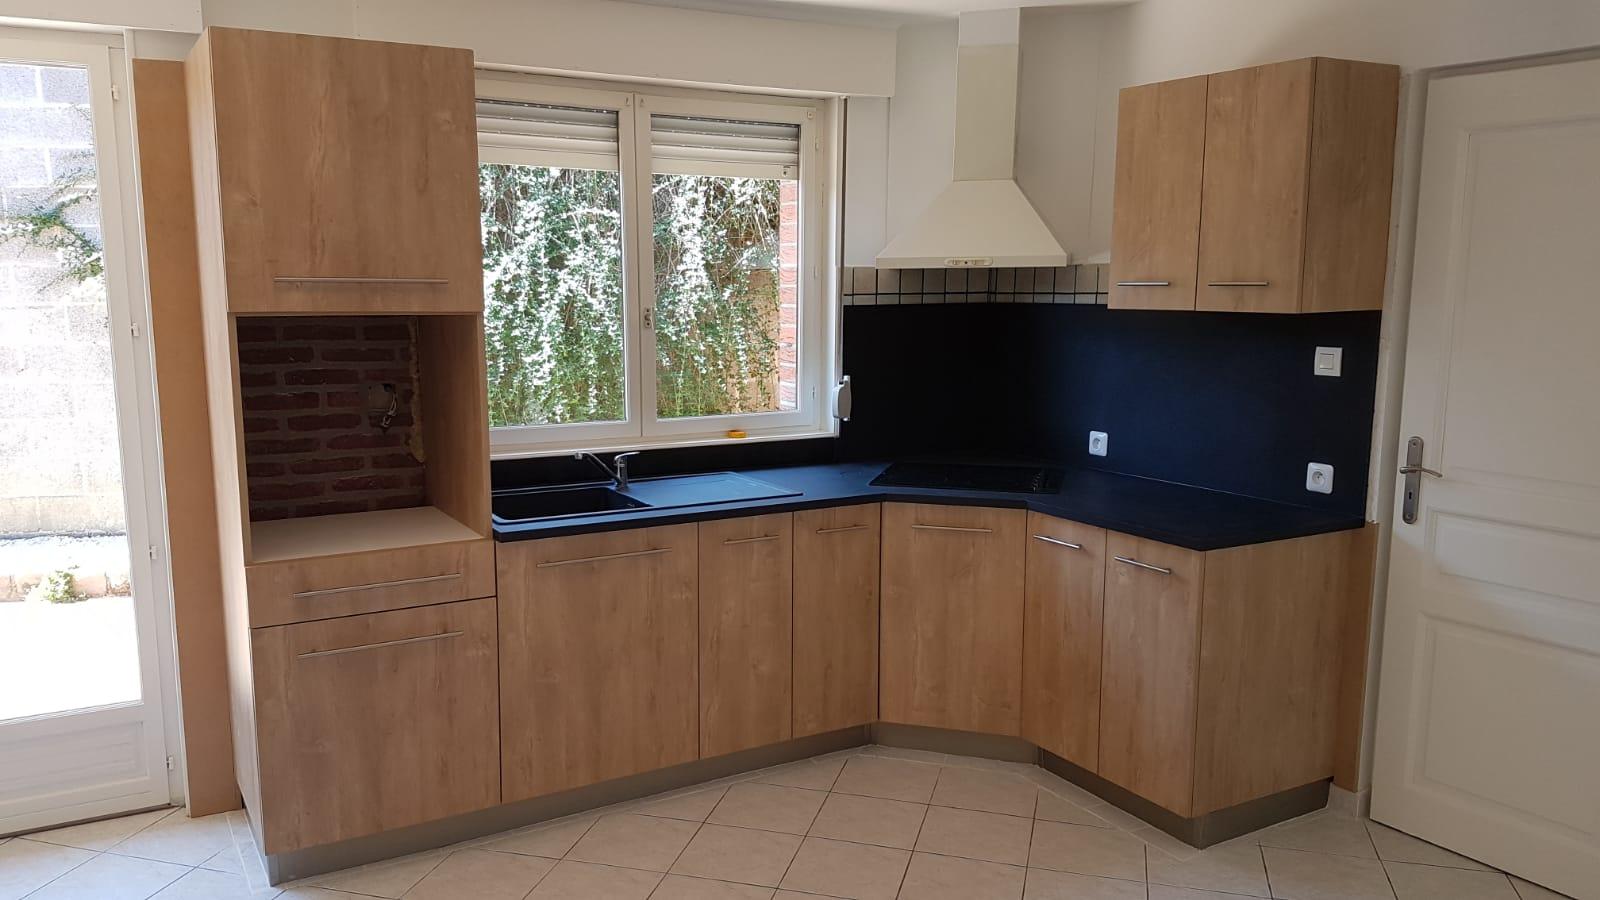 Rénovation d'une cuisine destinée à la location